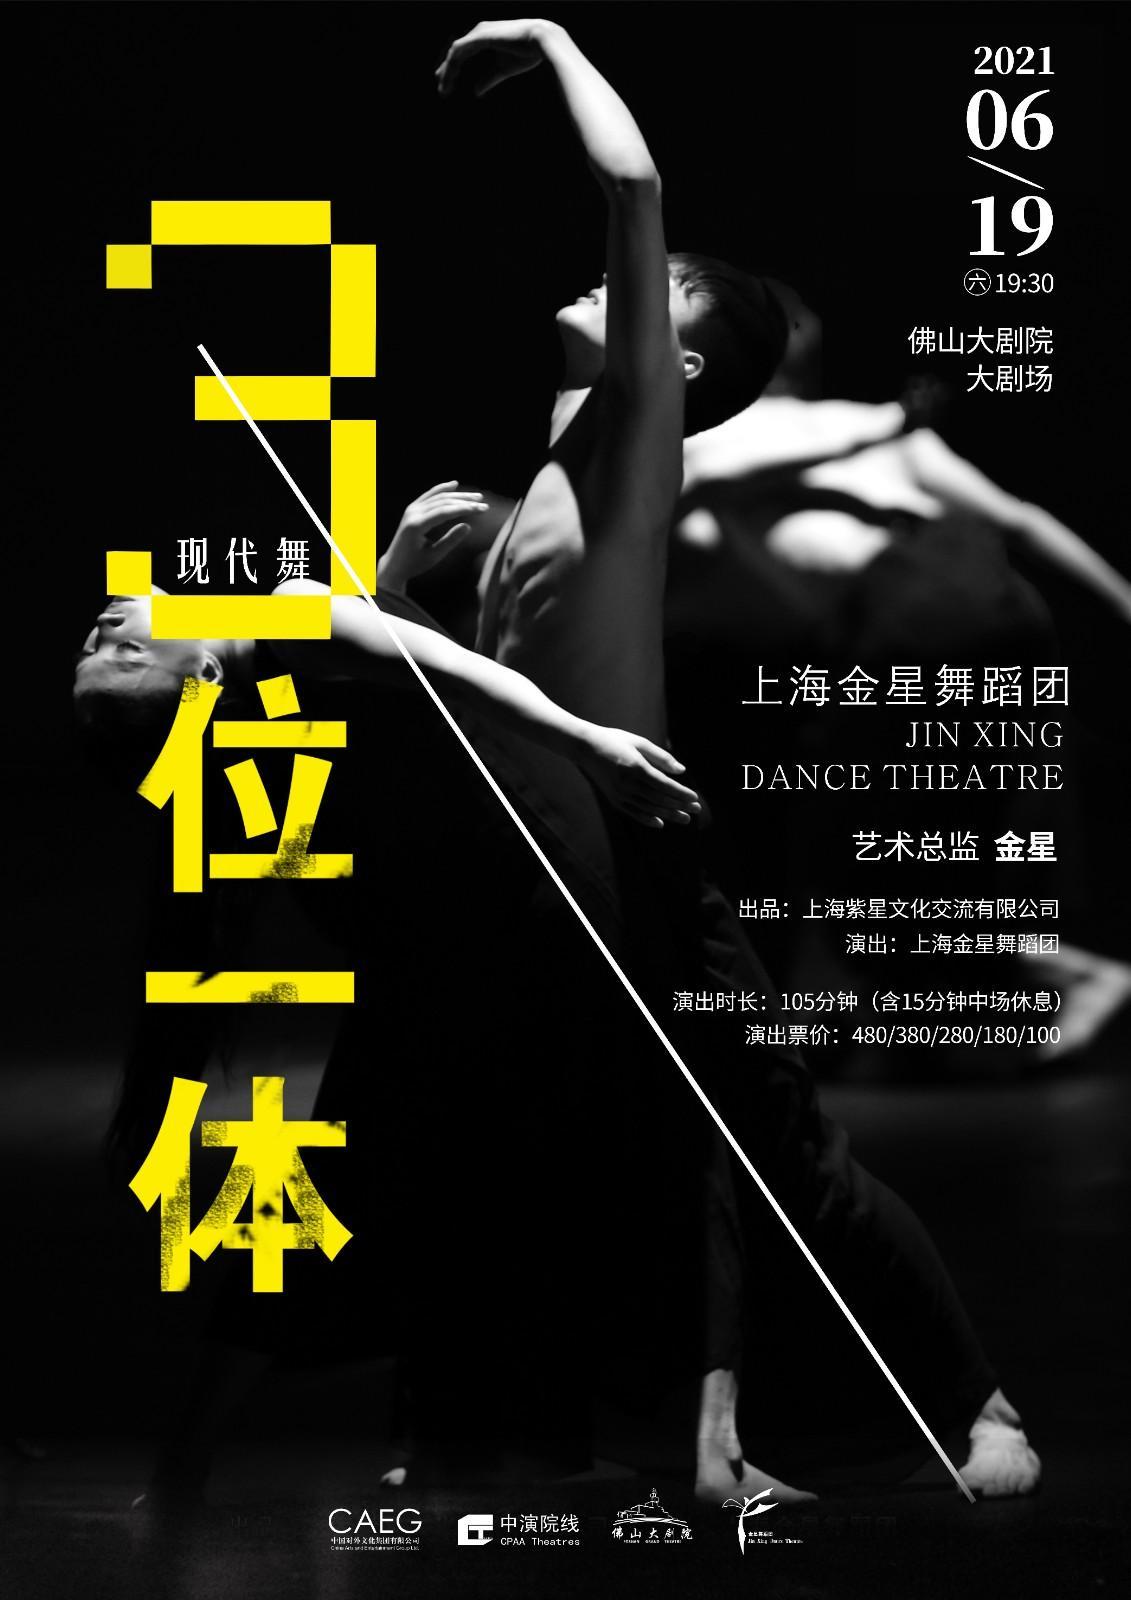 上海金星舞蹈团 现代舞《三位一体》